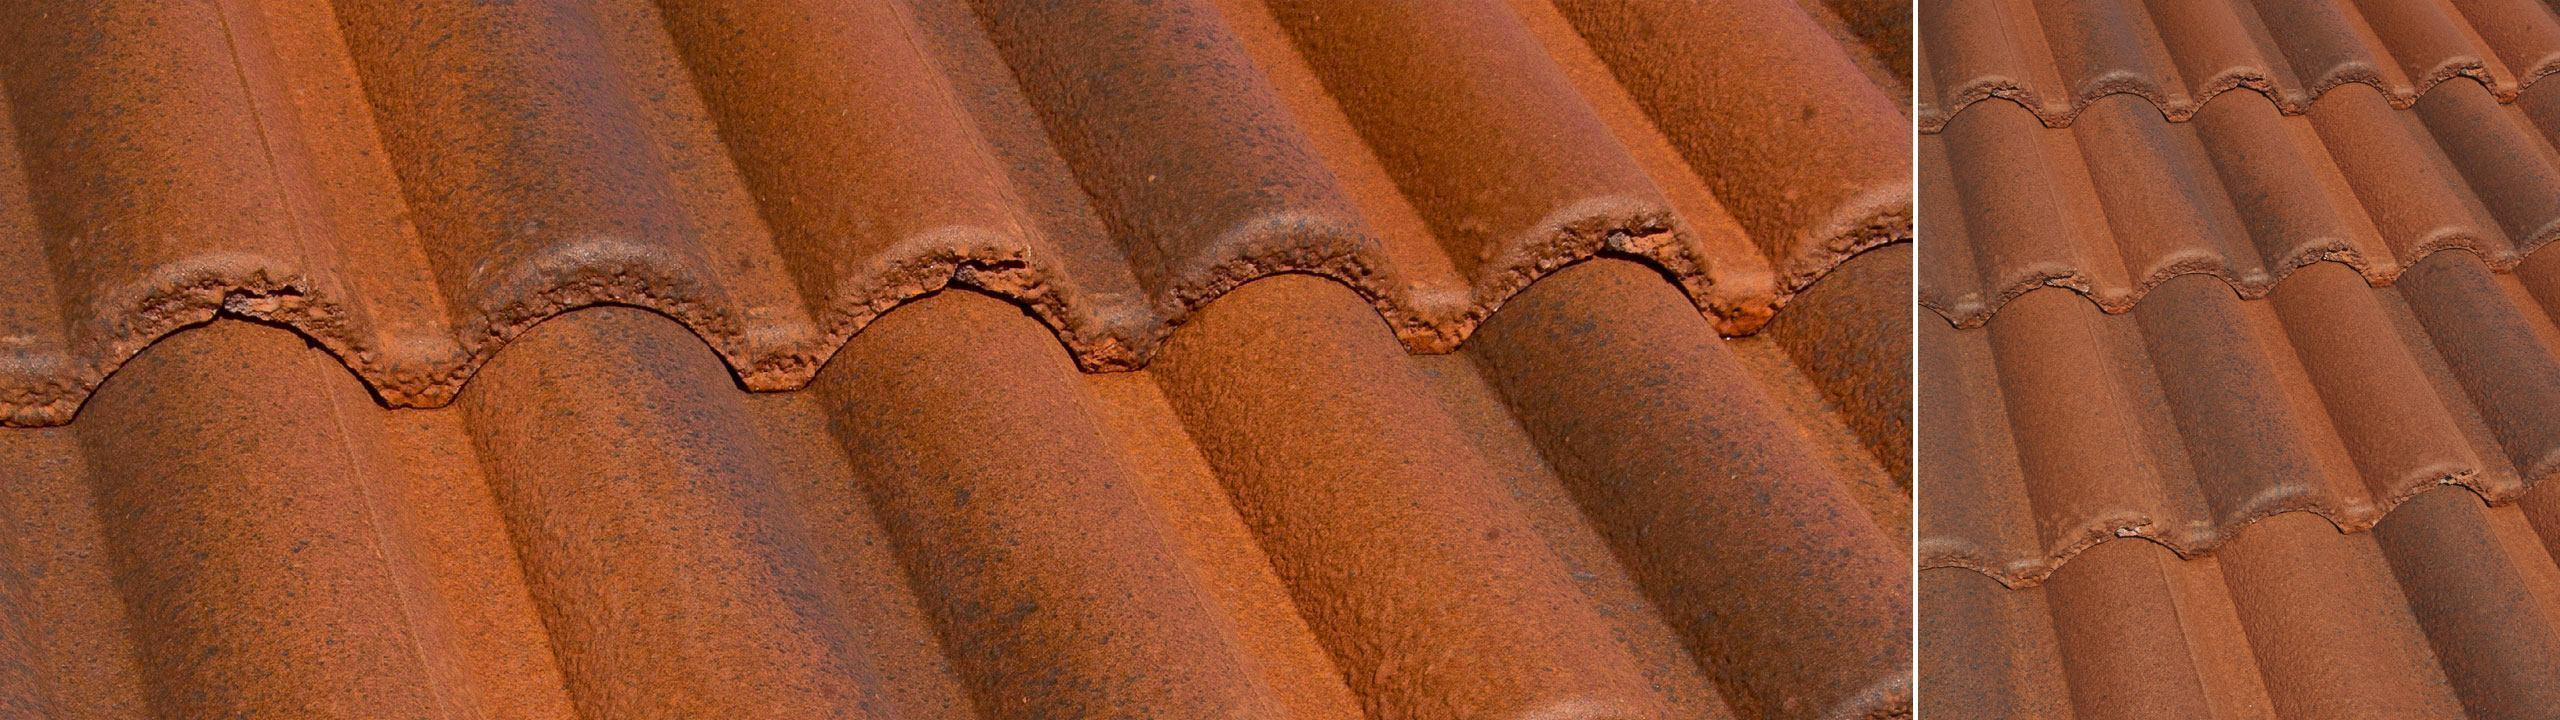 Tegolaia betonski crijep